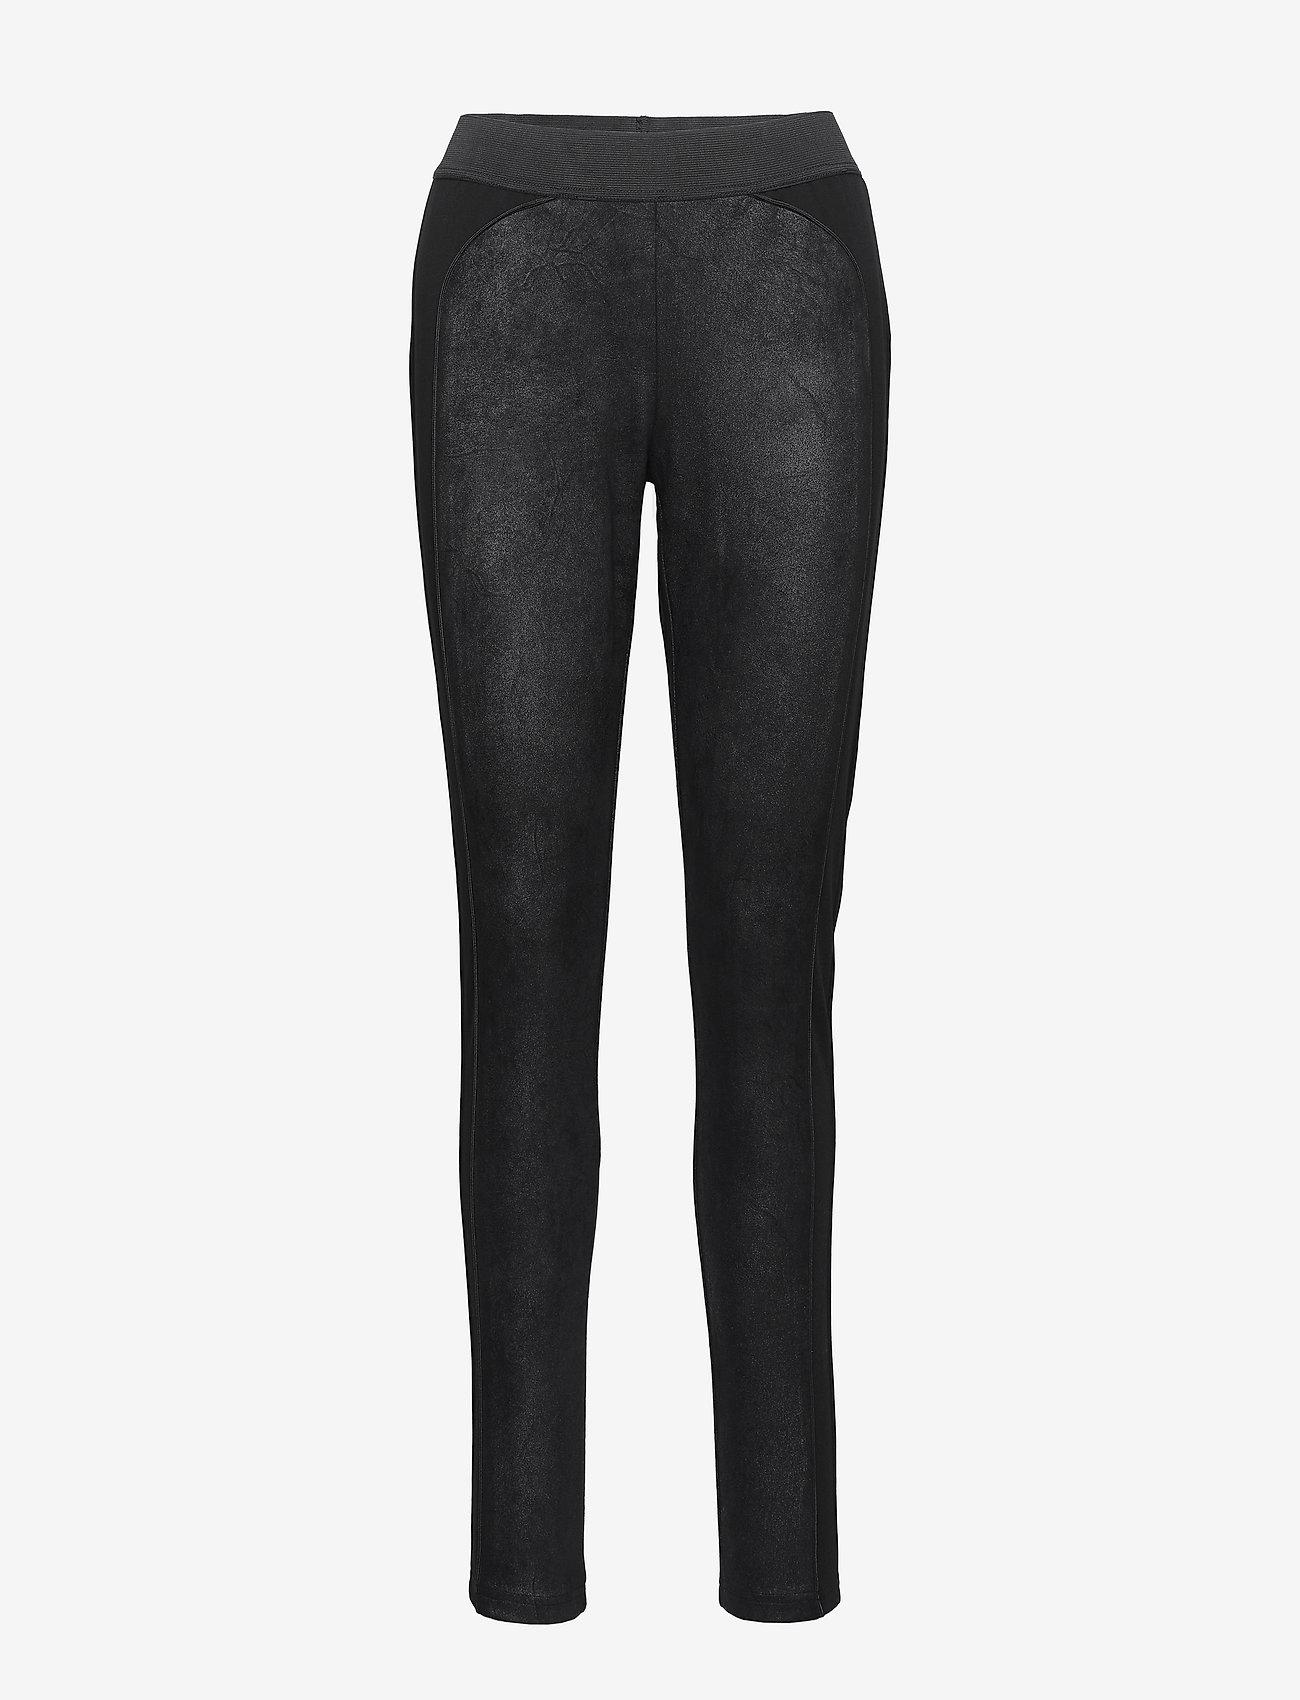 NÜ Denmark - Jet Clove Leggings - leggings - black